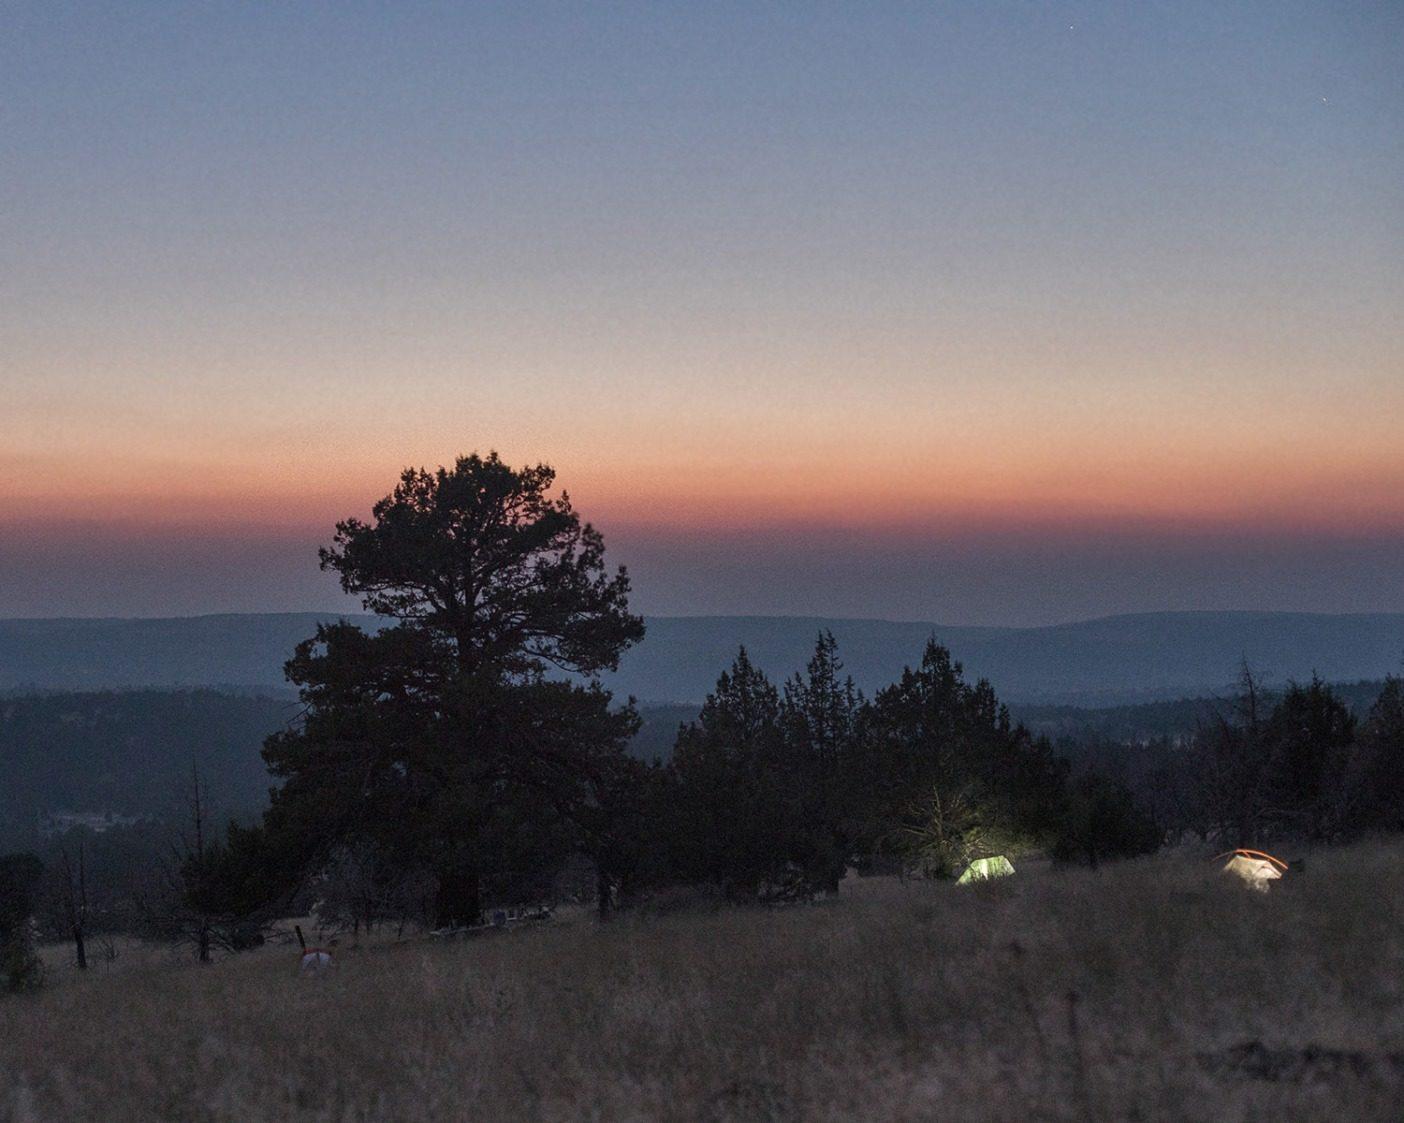 スティーンズ・マウンテン・ウィルダネスでの長い1日のあとにキャンプ。18年前、この場所はオレゴンの高地砂漠でははじめて原生地域指定を受けた場所となった。この野生の特徴を保護するため、〈ONDA〉は管理計画を固める手助けをし、工業エネルギー開発に反対し、野生動物を危険にさらすフェンスの撤去を行なってきた。Photo: Sage Brown